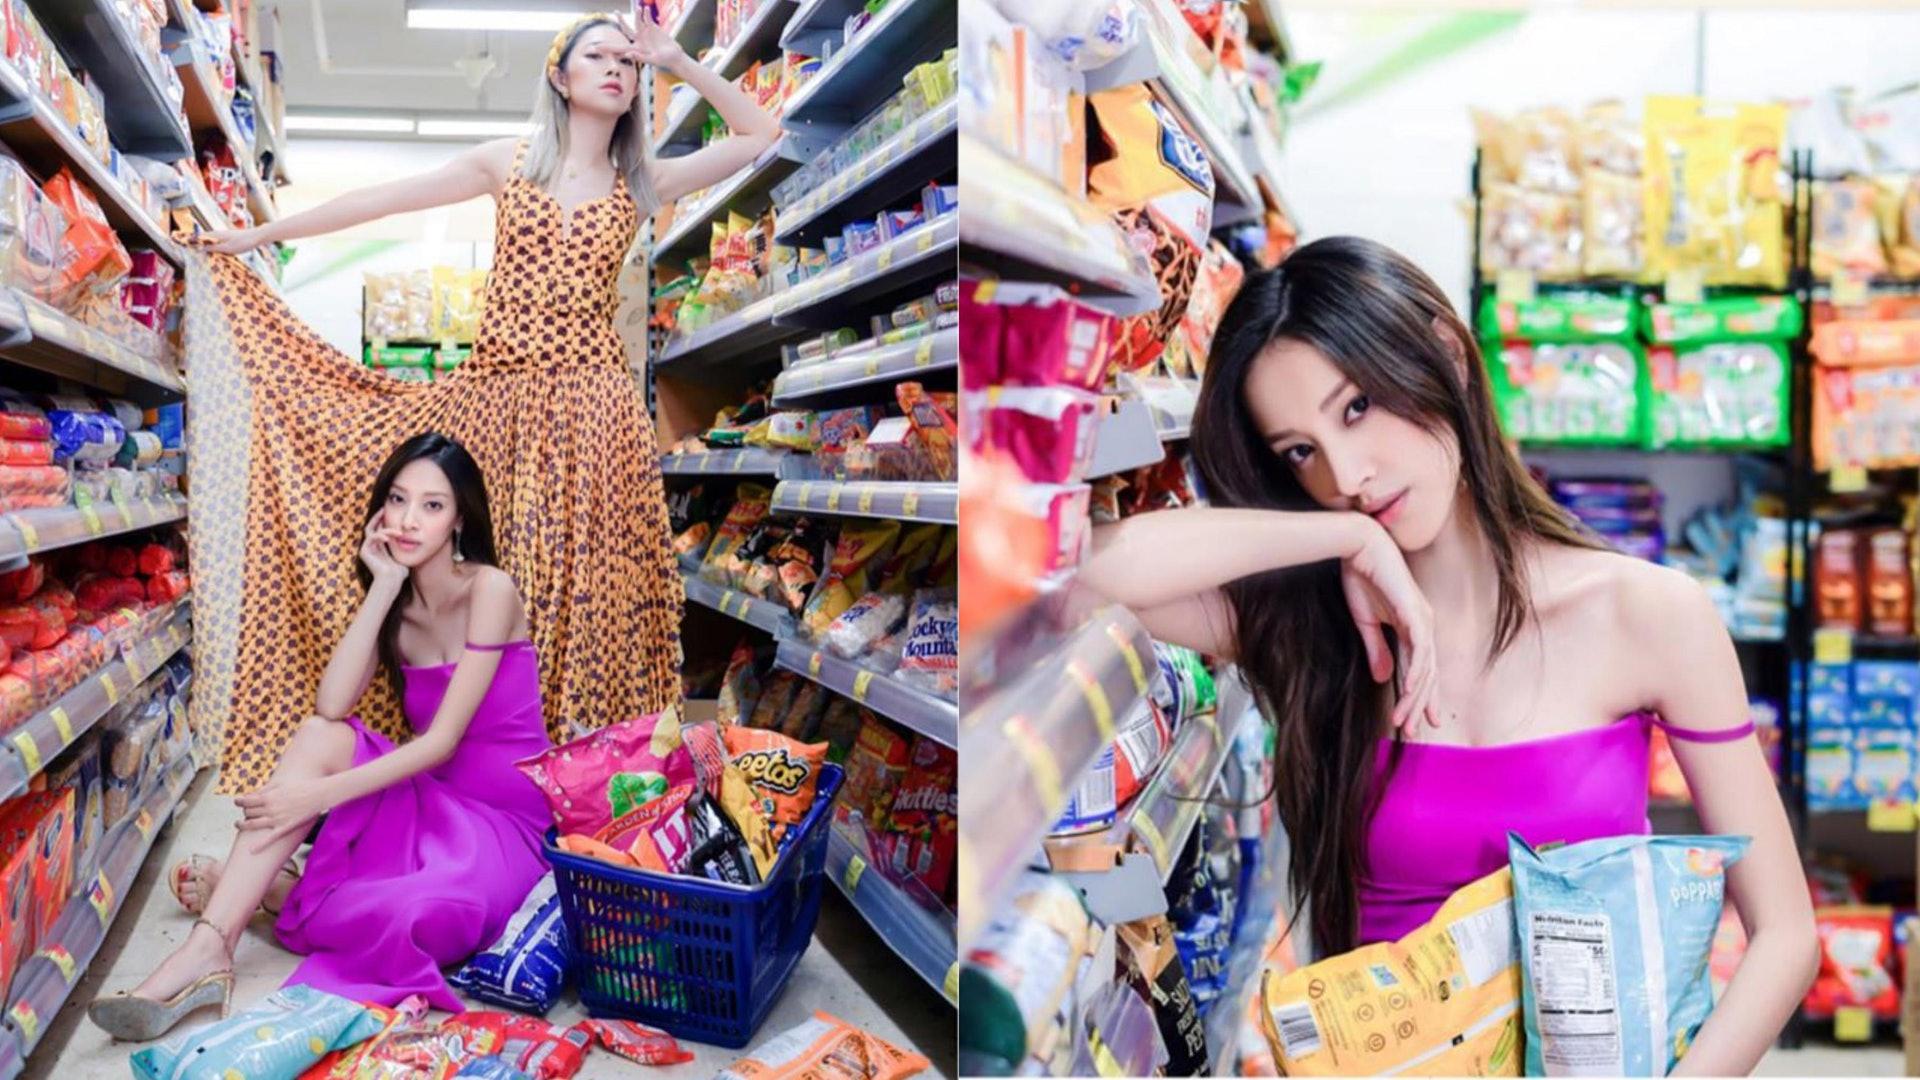 凱琳轉戰超市影寫真 零食遮孕肚狀態Fit爆 - 亞洲美女 -